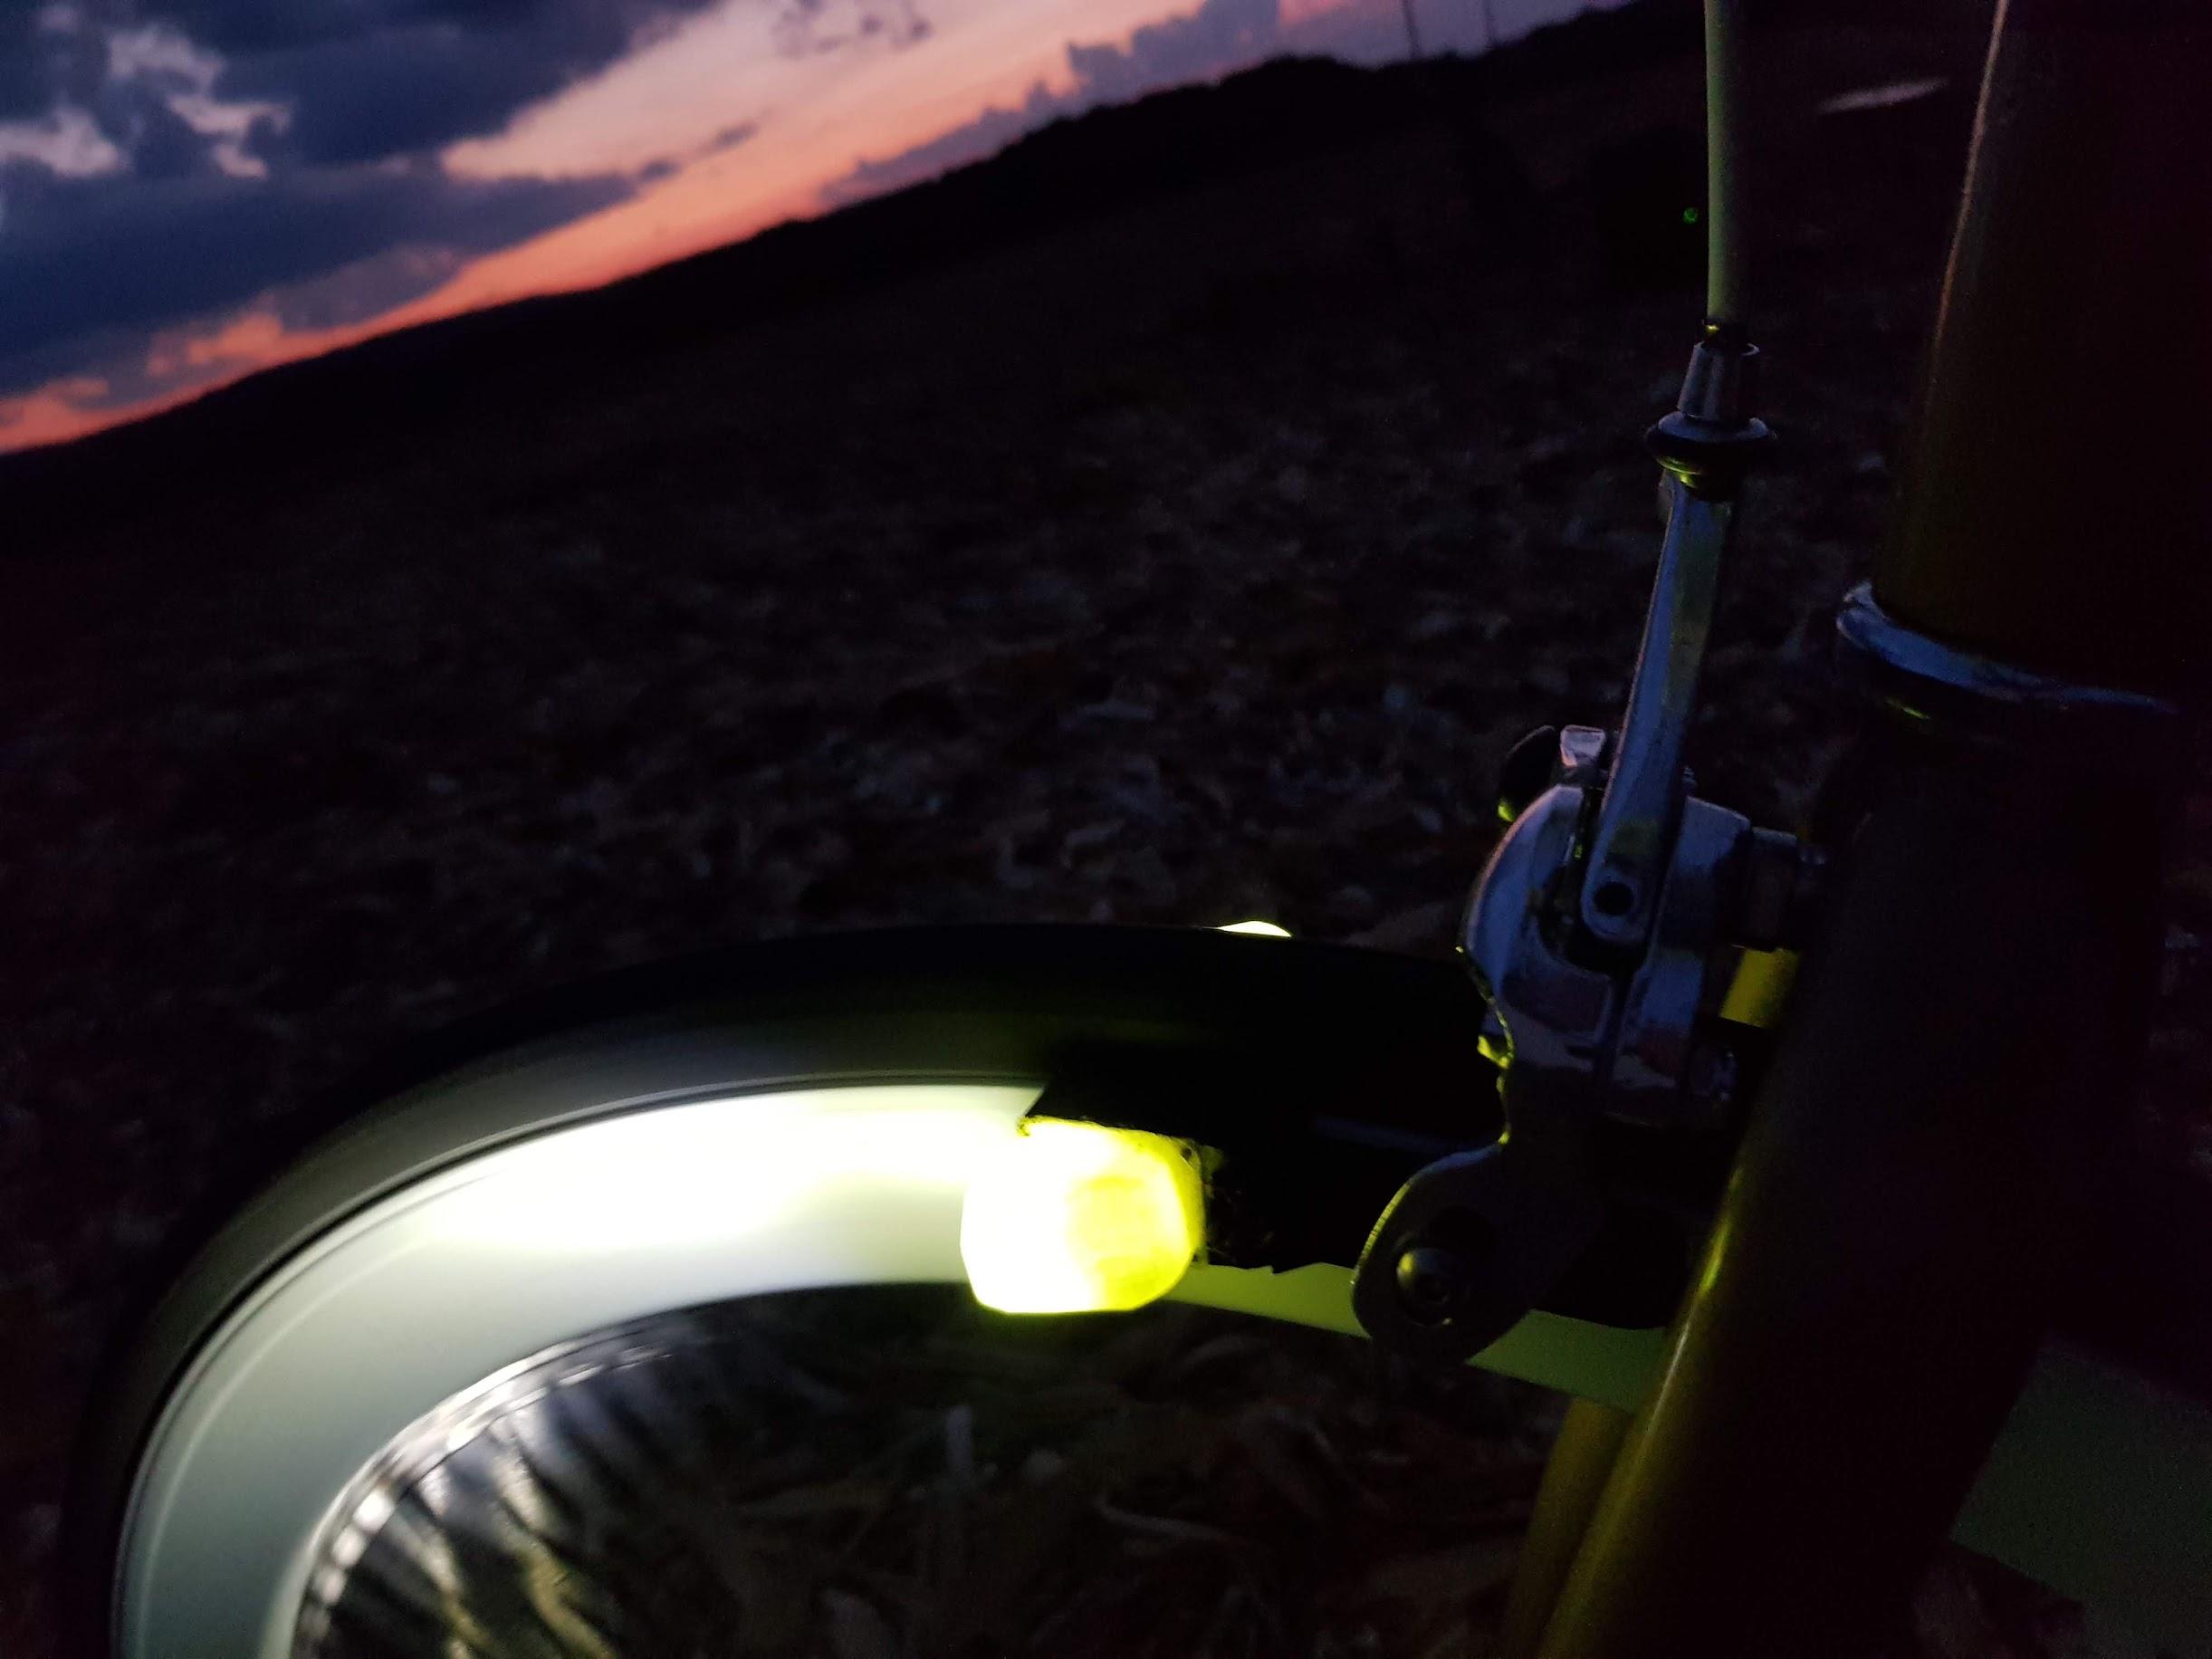 バッテリーやダイナモがなくても明るく点灯する自転車用LEDライト「Magnic Microlights」